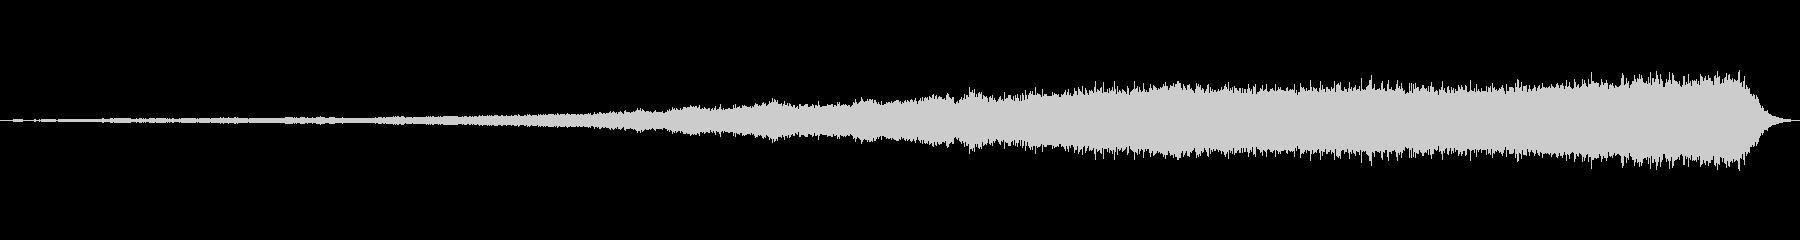 LEAR:EXT:ファーストエンジ...の未再生の波形